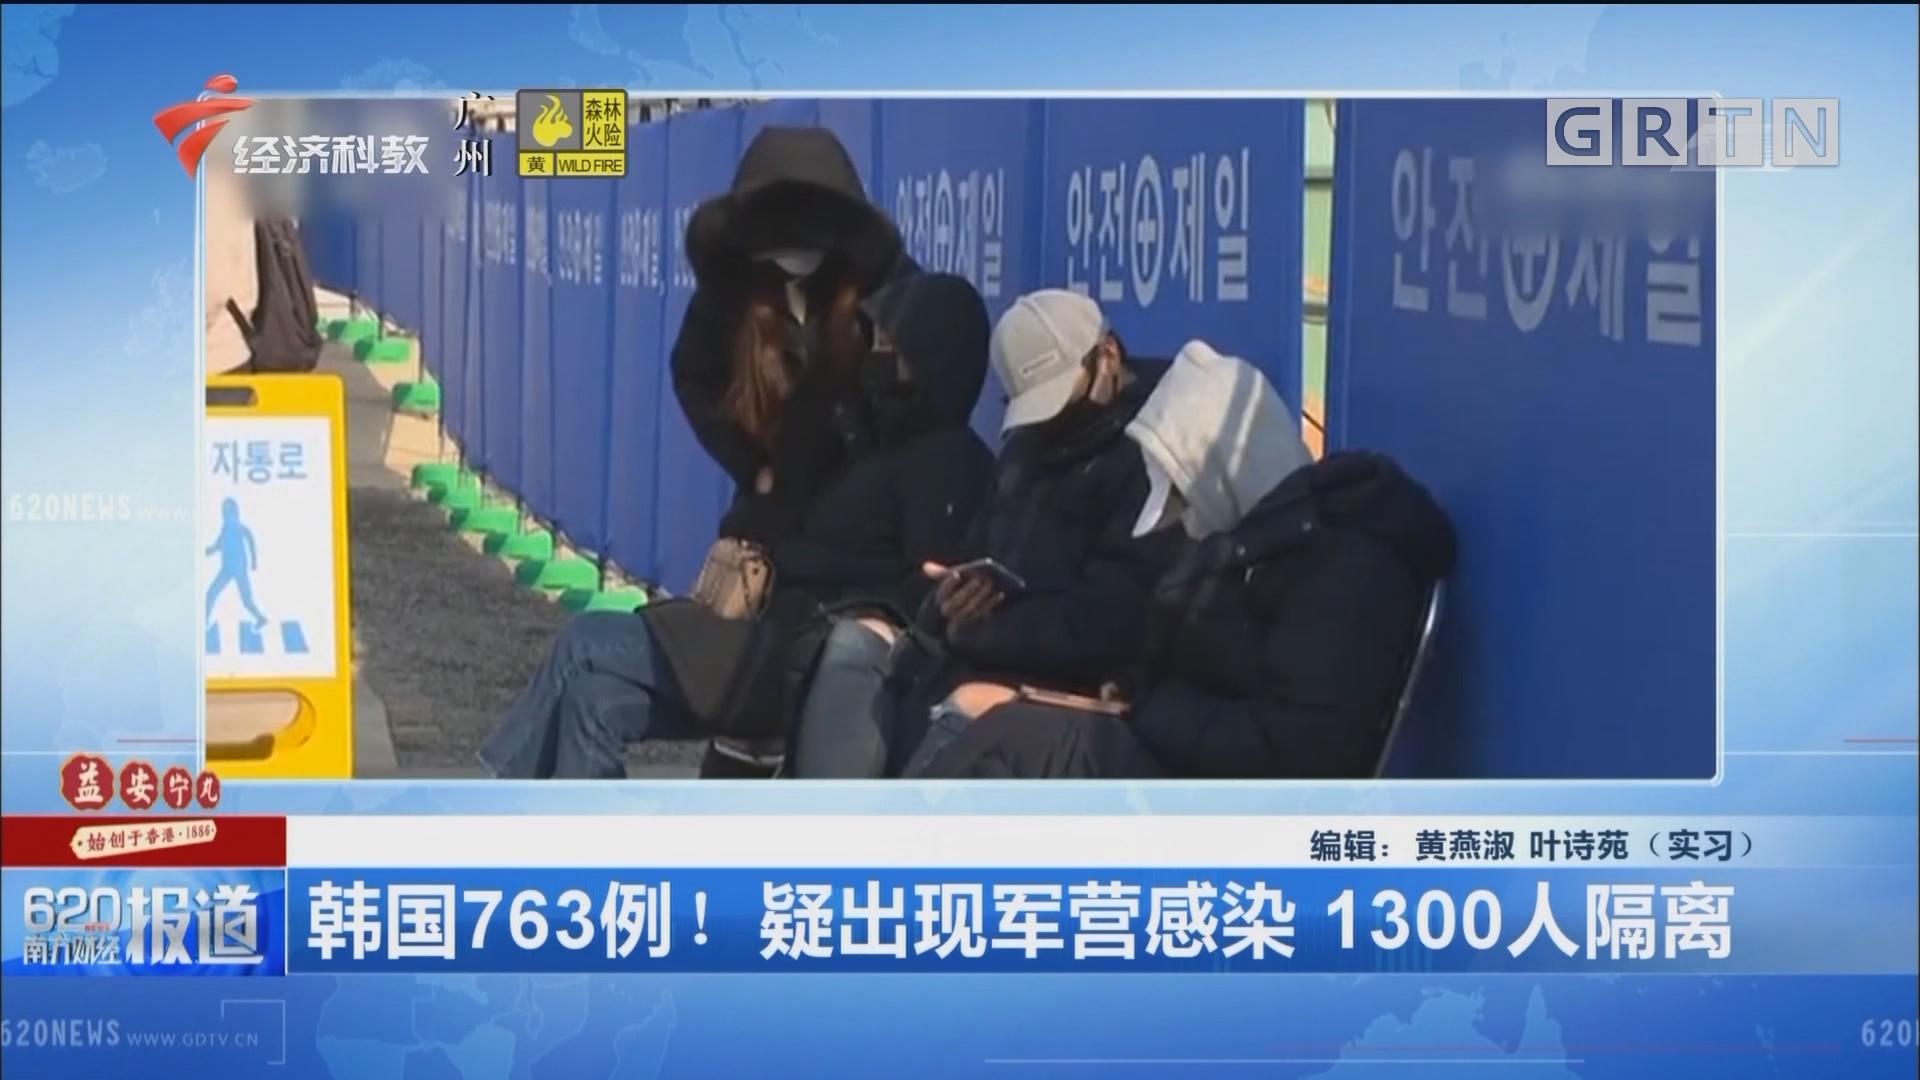 韓國763例!疑似出現軍營感染 1300人隔離